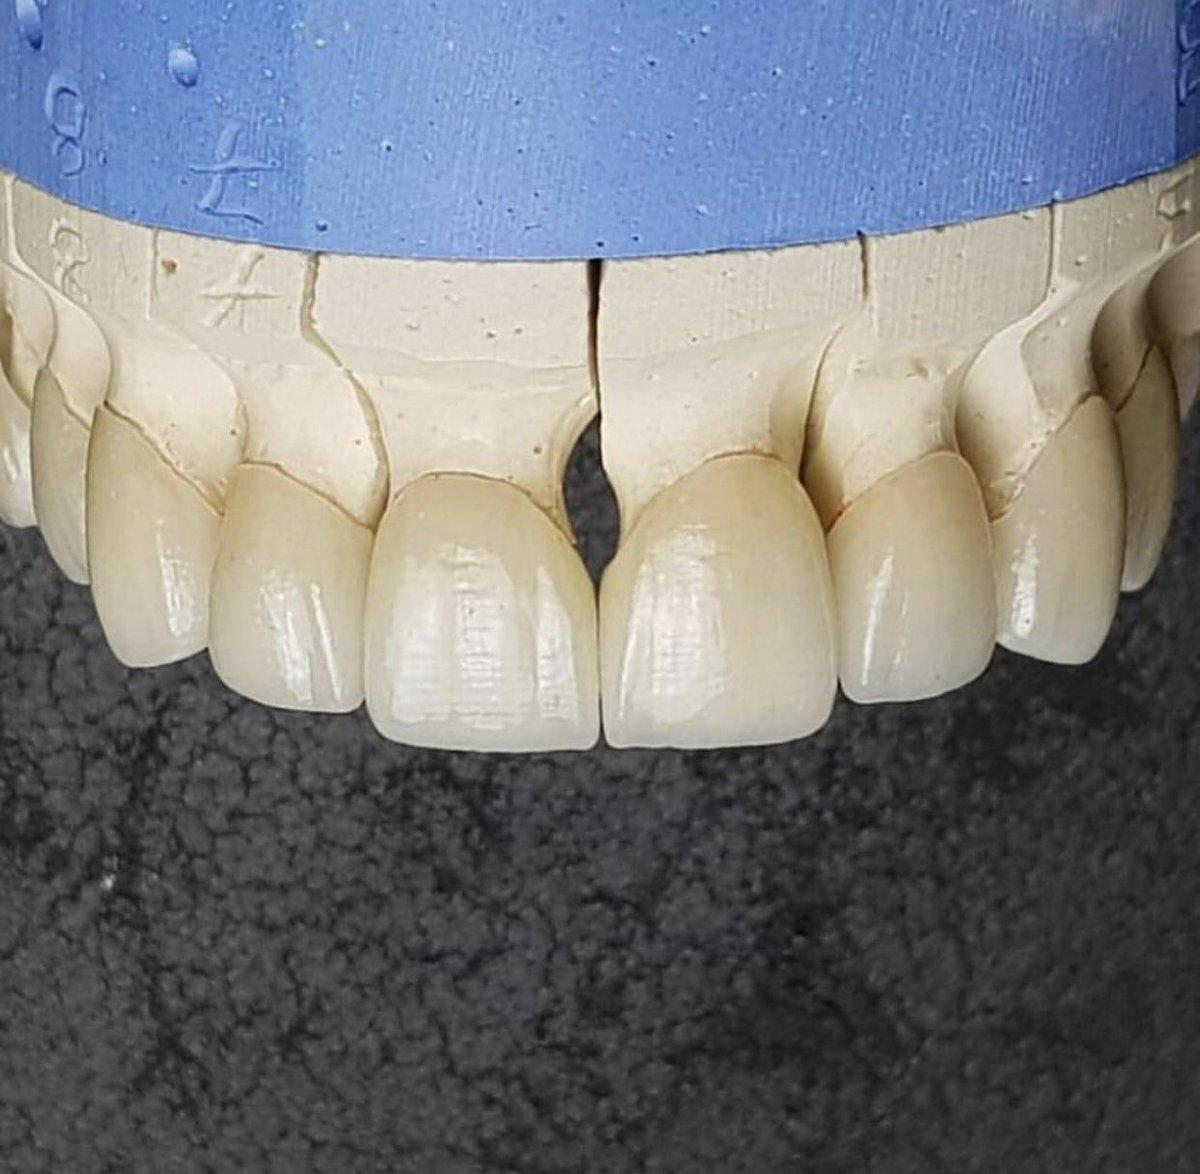 افضل دكتور زراعة اسنان في تركيا